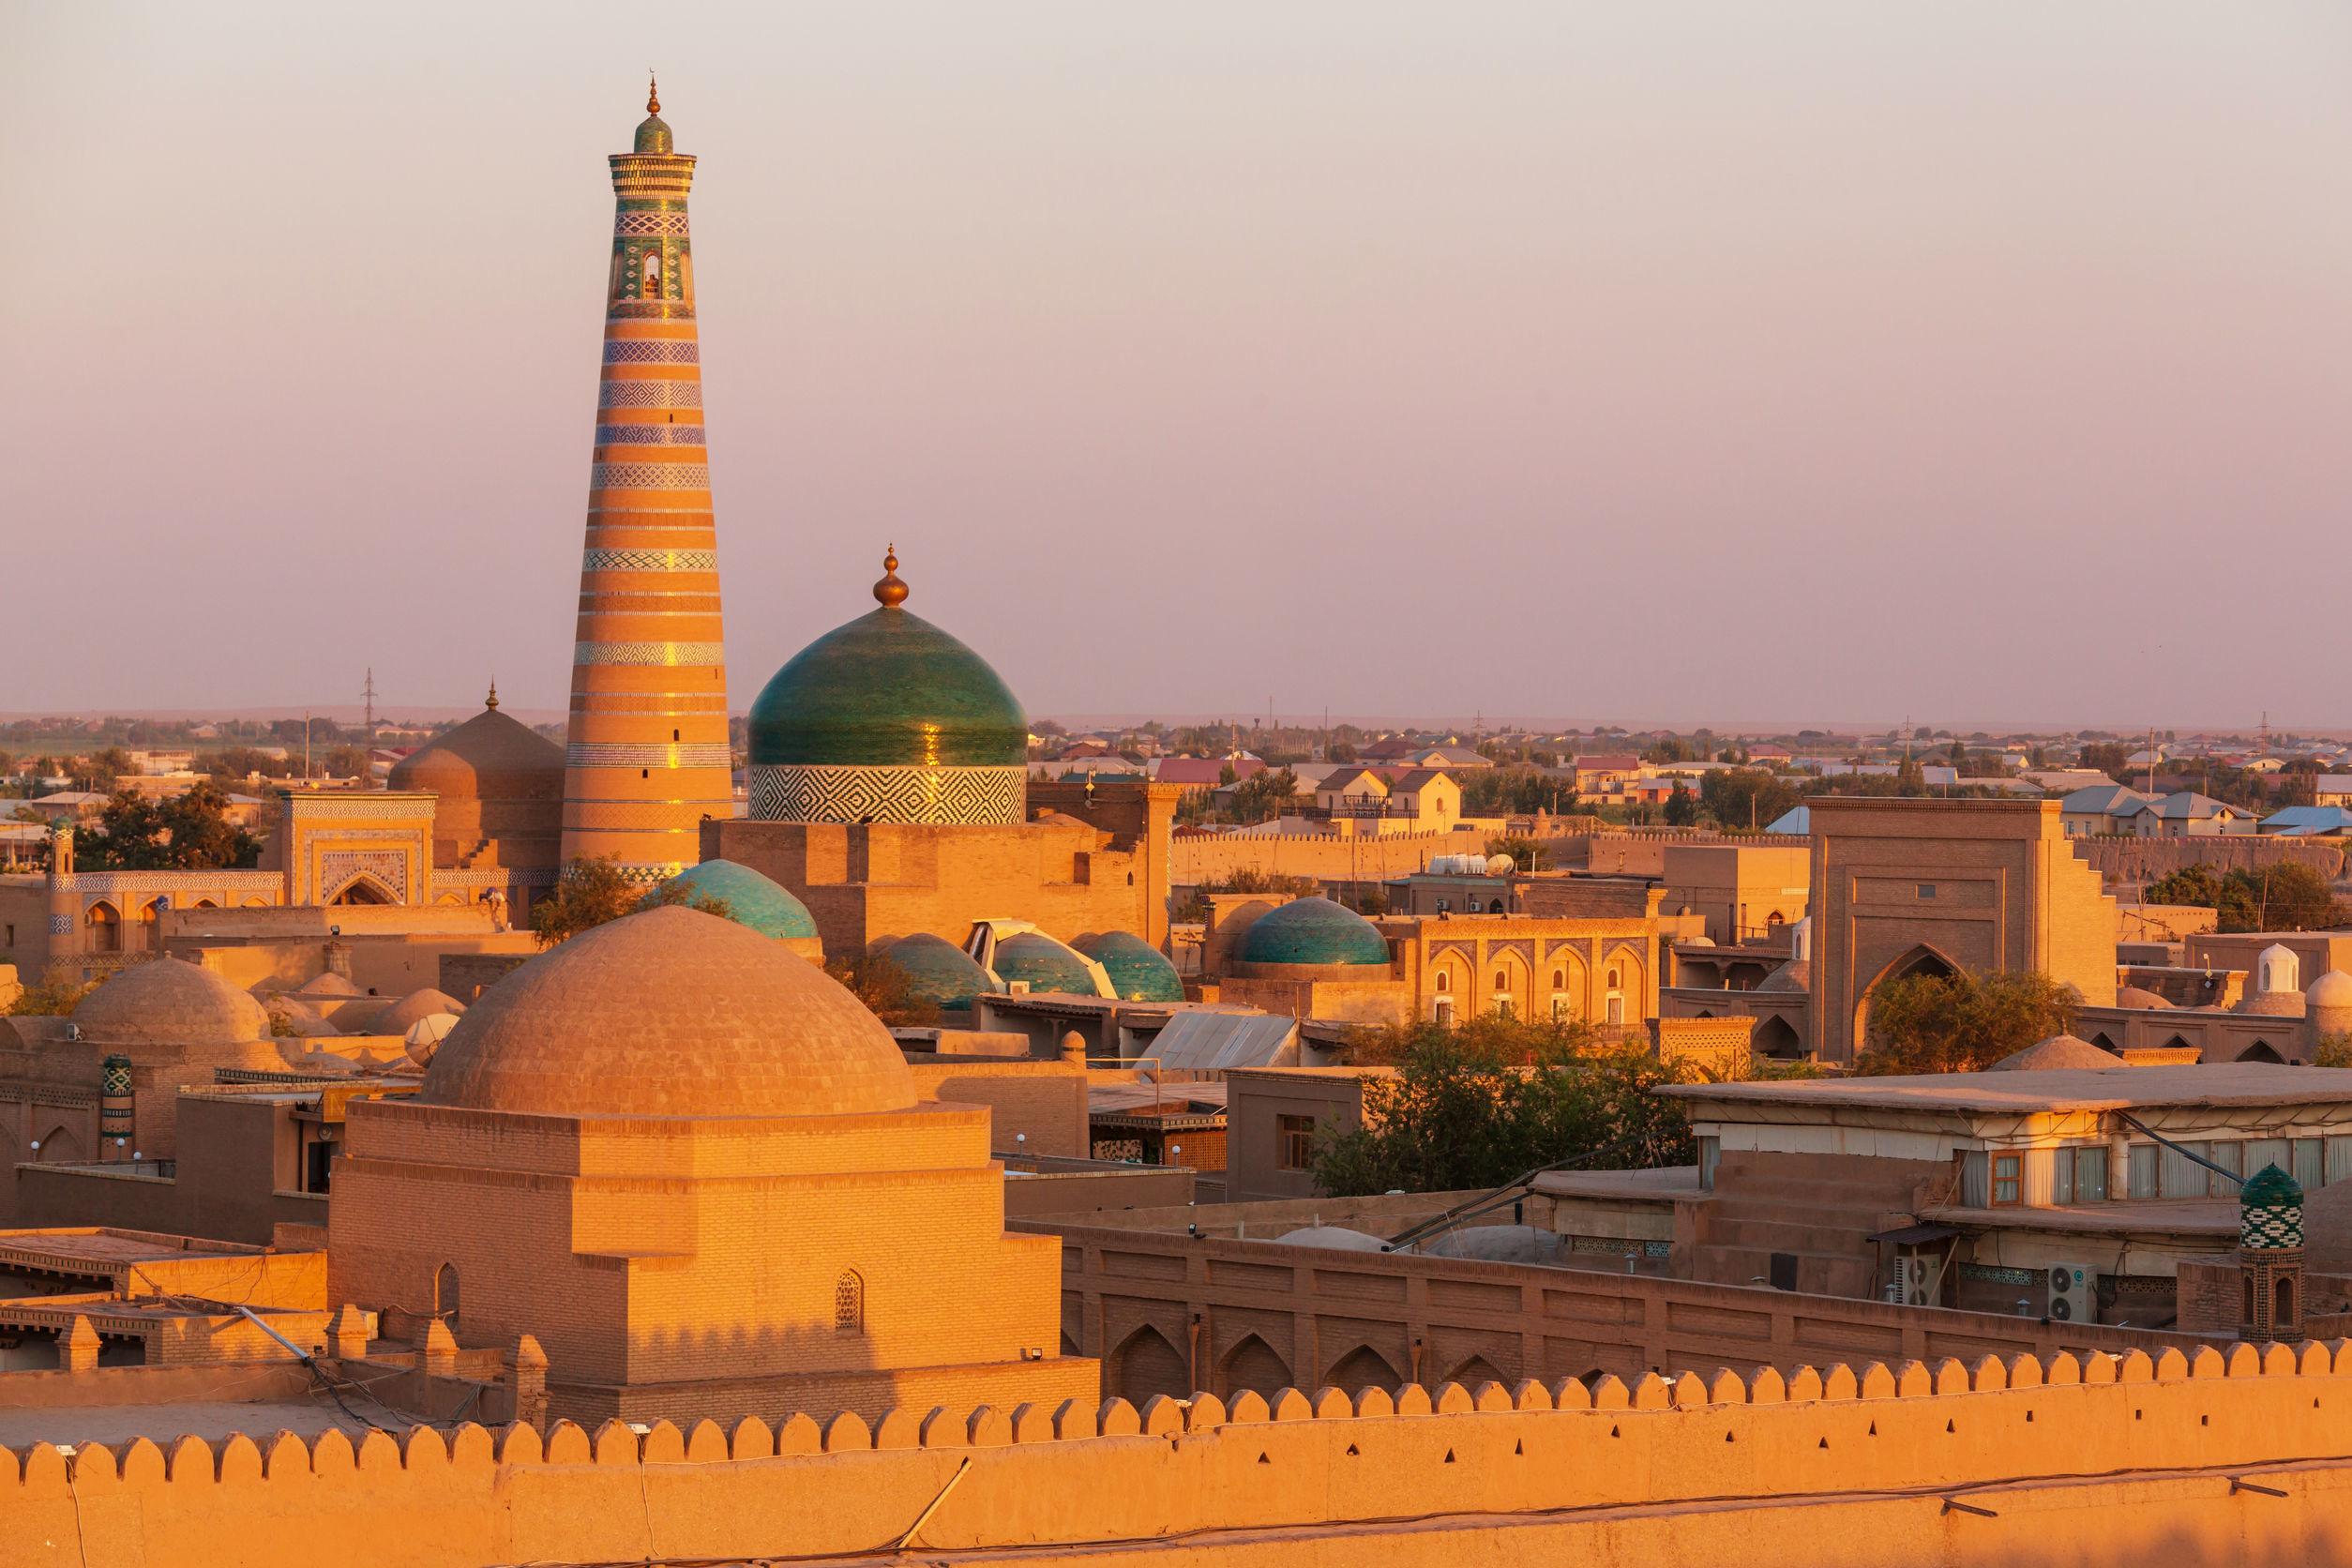 Tashkent - Urgench - Khiva